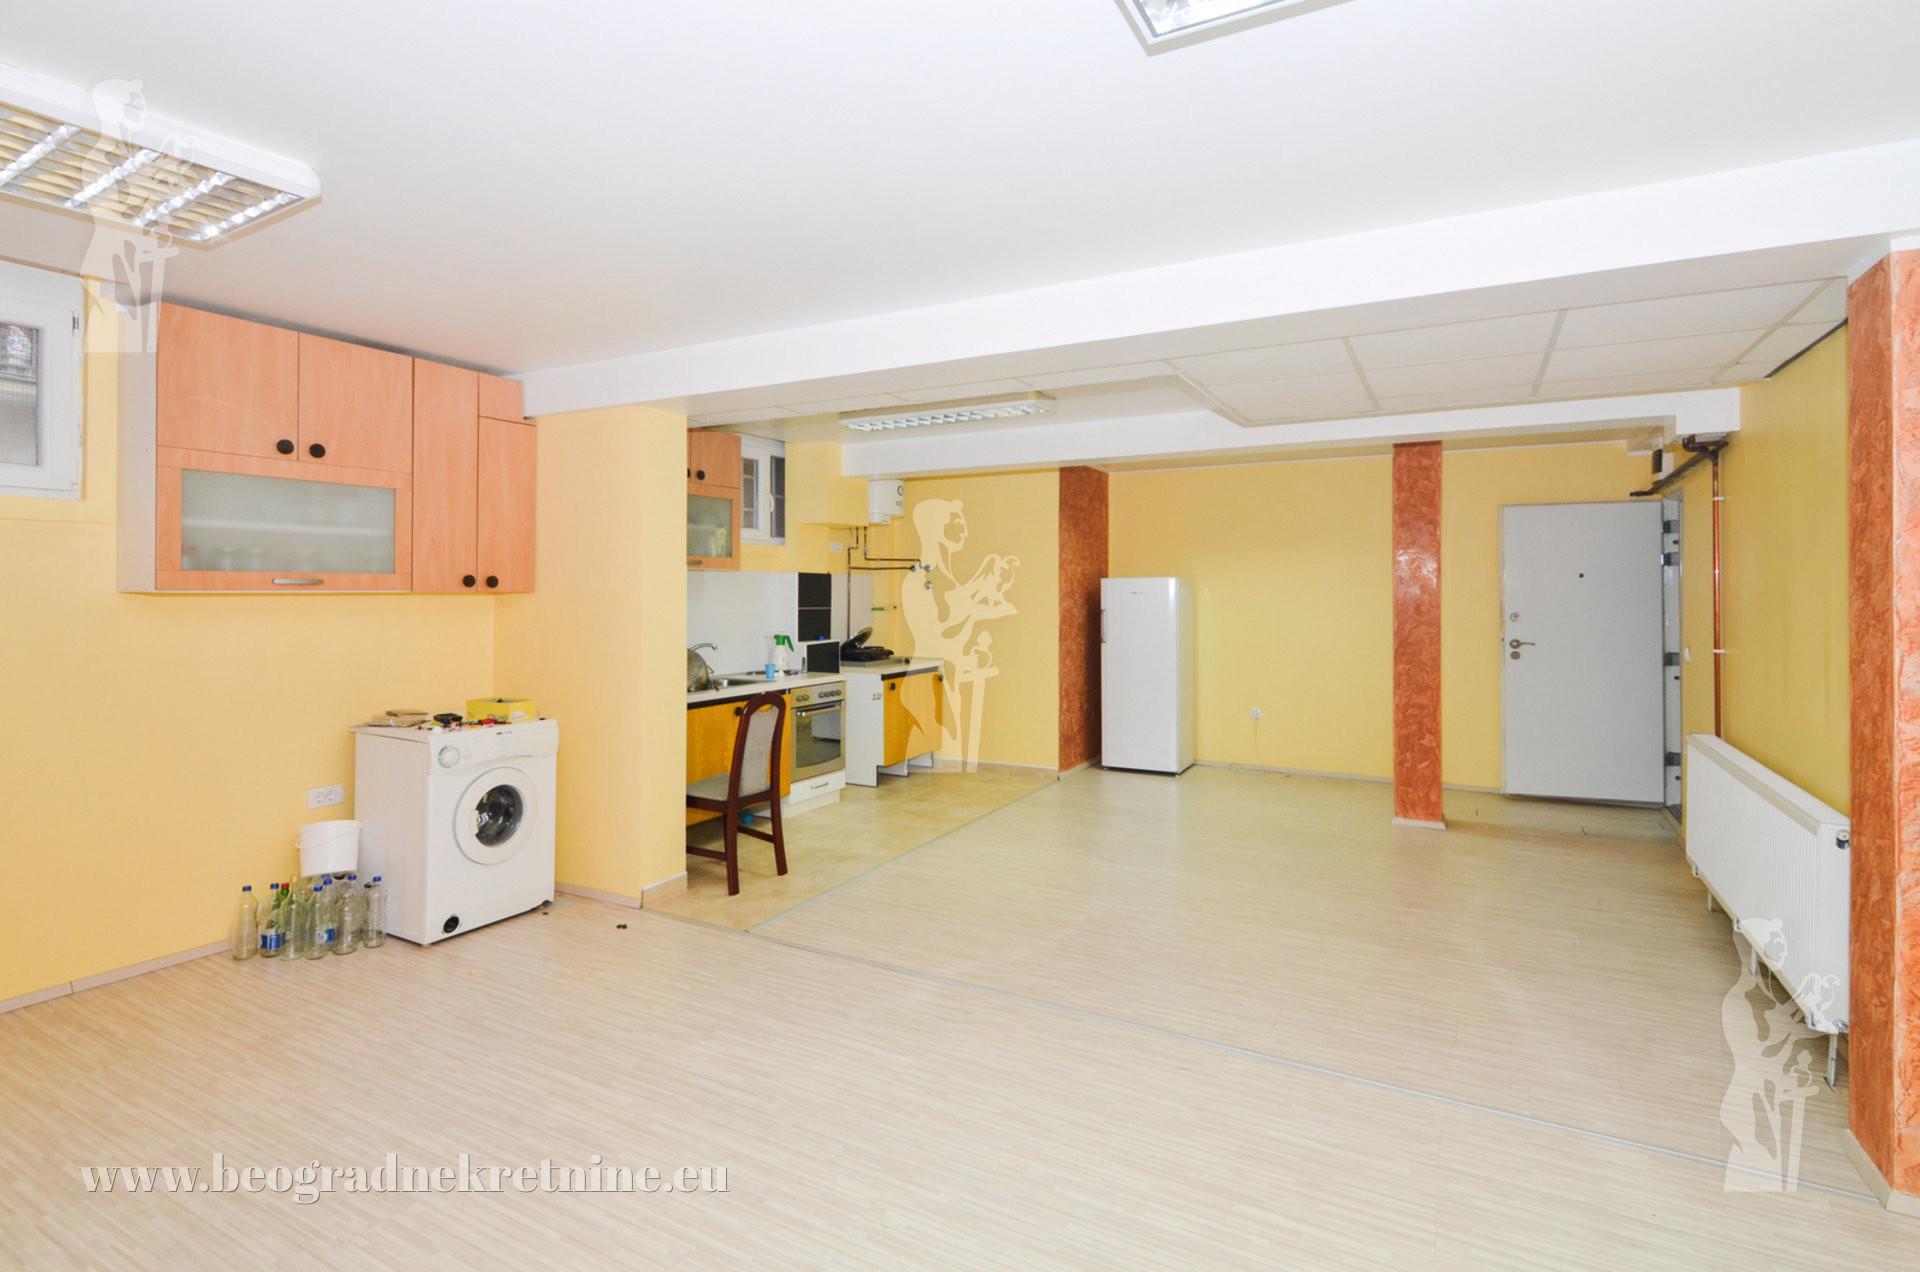 Poslovni prostor Garaža Višnjička banja 180m2 ID 2551